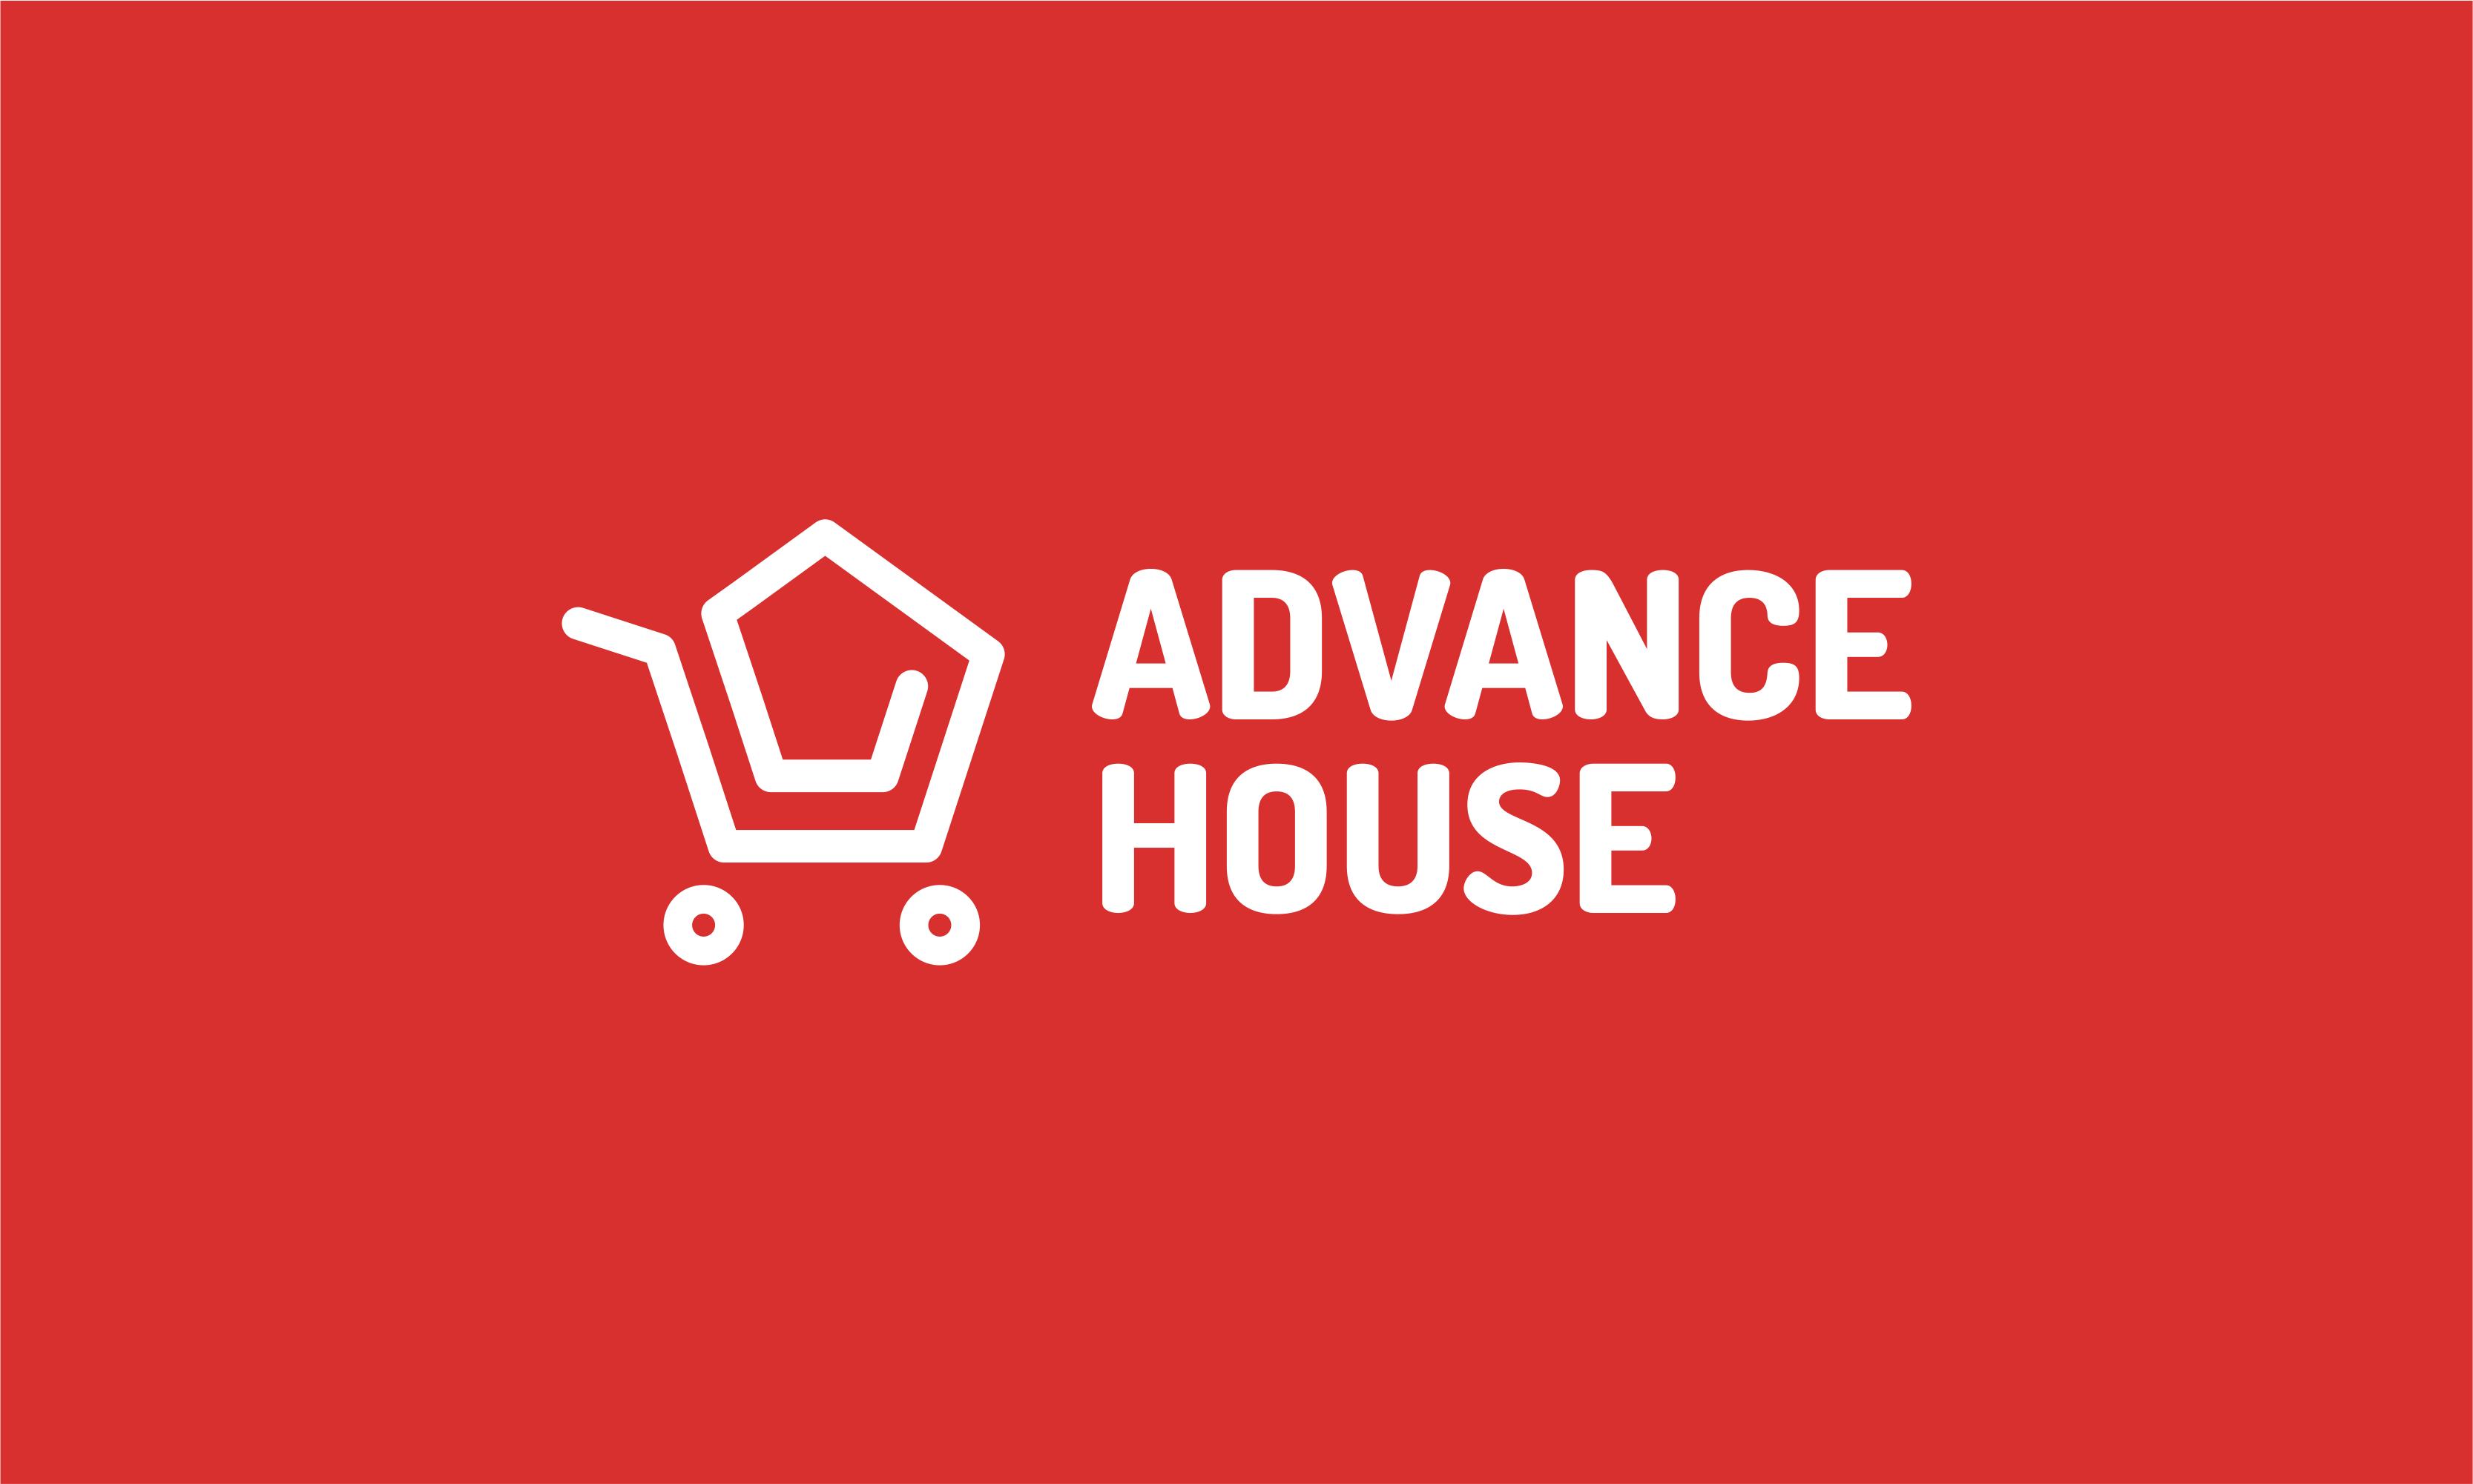 Advancehouse